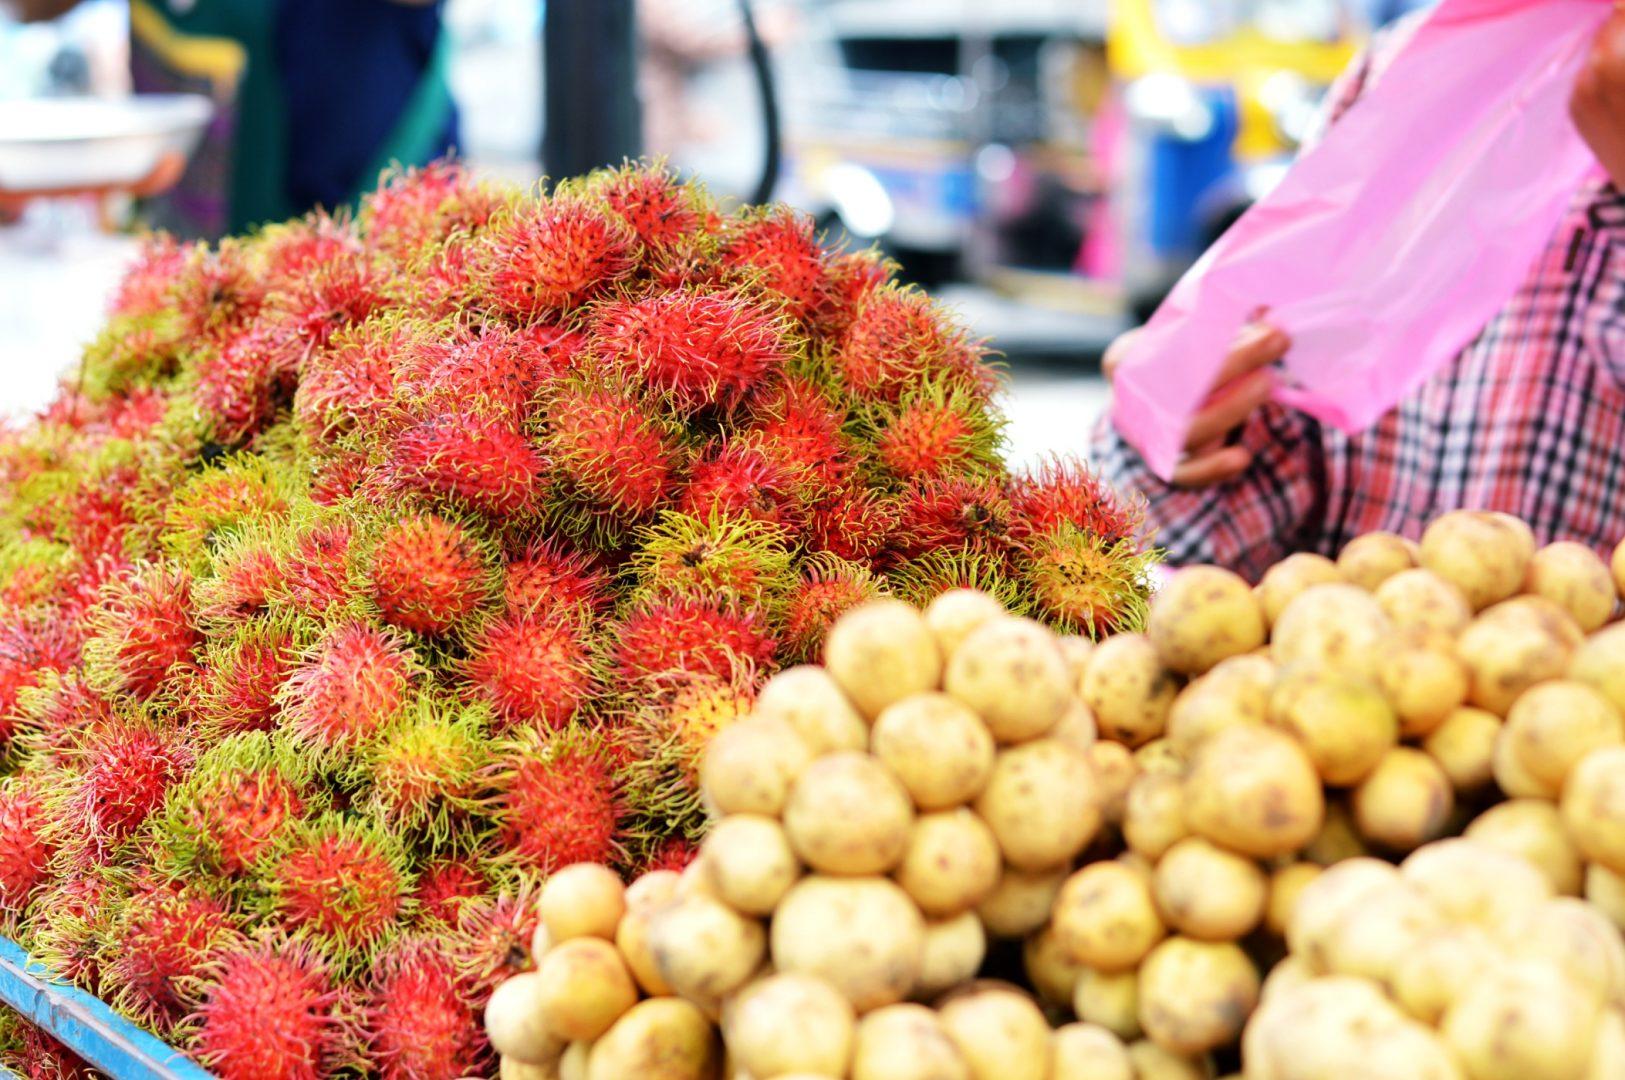 5 exotische Früchte aus Thailand - Rambutan| www.dearlicious.com